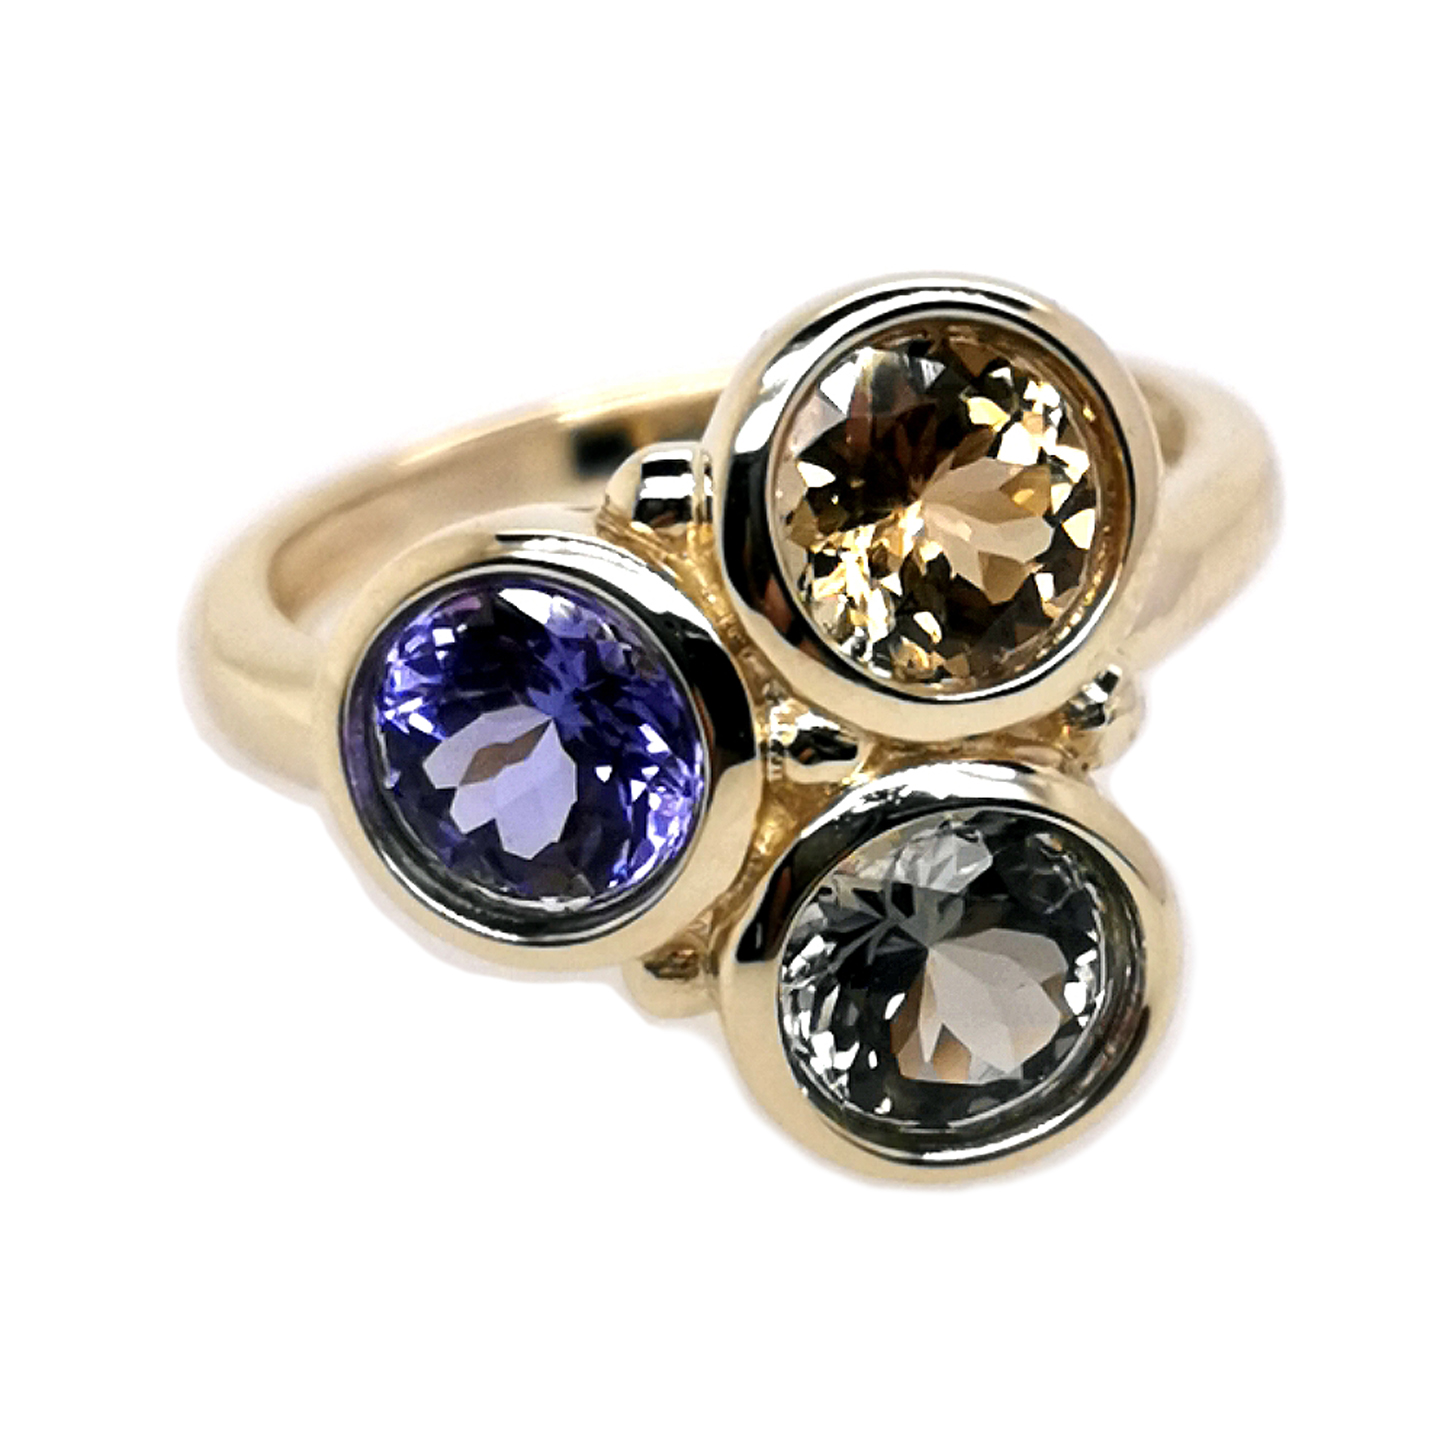 """""""Farben des Tansanit"""" Ring mit 3x Tansanit facettiert blau, golden, grün zus. ca. 3,3 ct Edelstein, 585 Gelbgold"""